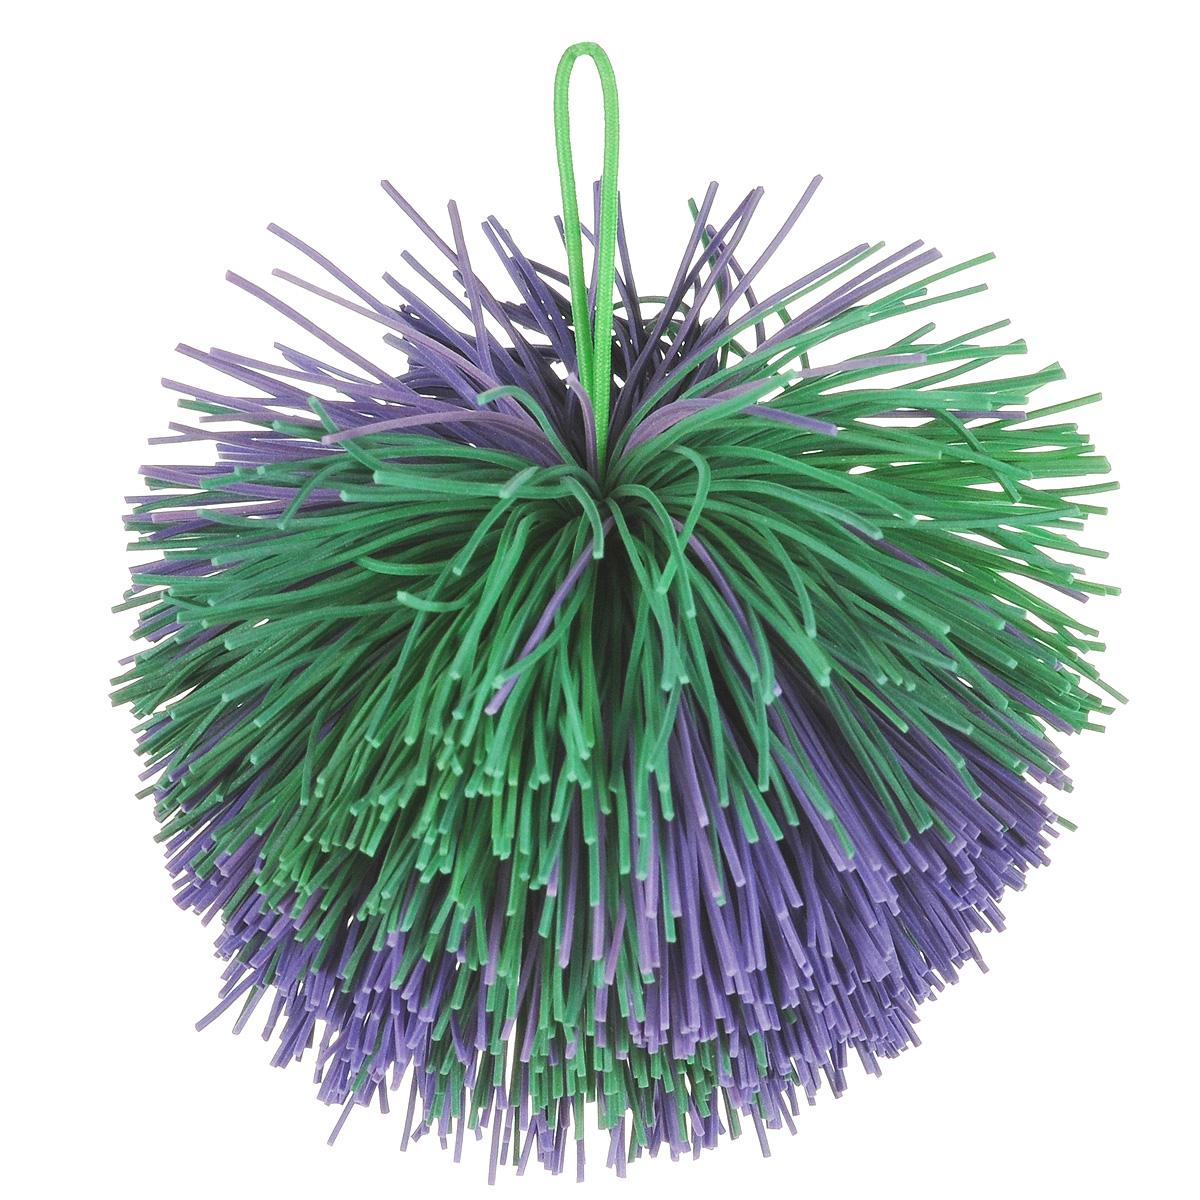 Мяч Ogosoft, цвет: фиолетовый, зеленыйOG0401Мячик, выполненный из прочного материала, предназначен для игры в огоспорт. Игра Огоспорт - это очень простая и увлекательная игра, которая совмещает в себе элементы тенниса, бадминтона, фрисби и других игр на природе, пользующиеся популярностью. В нее можно играть большой компанией на небольшой территории. Благодаря его яркой окраски его легко можно найти.